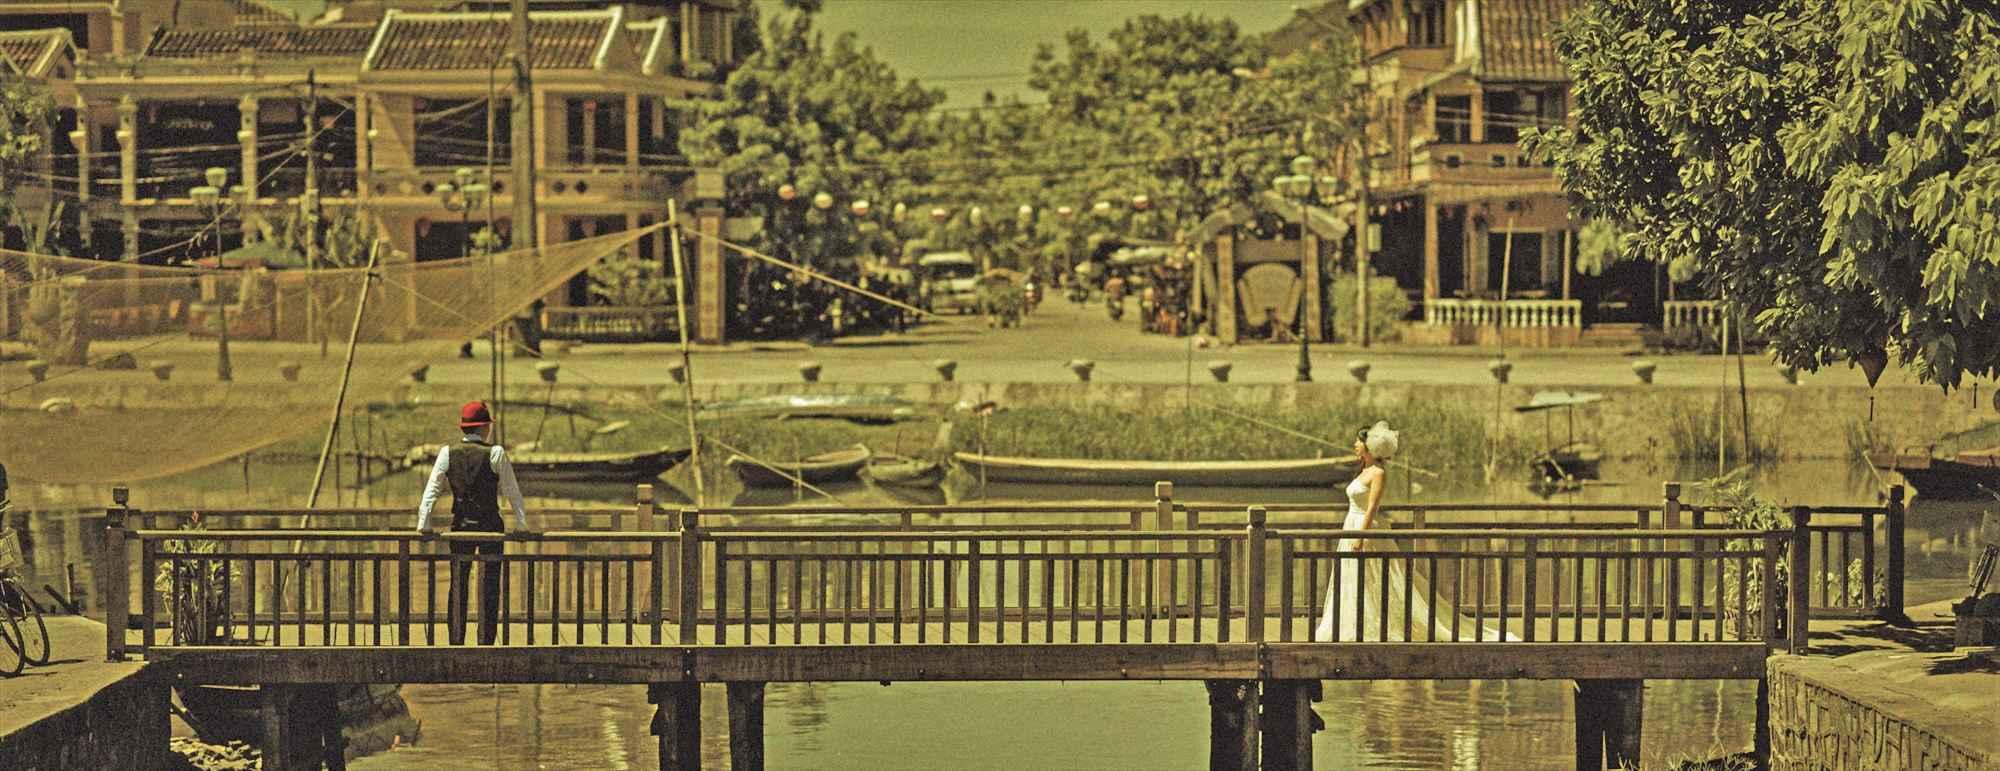 ベトナム・ホイアン・フォトウェディング<br /> Hoi An River Photo Wedding Dress<br /> ホイアン・リバー ウェディングドレス